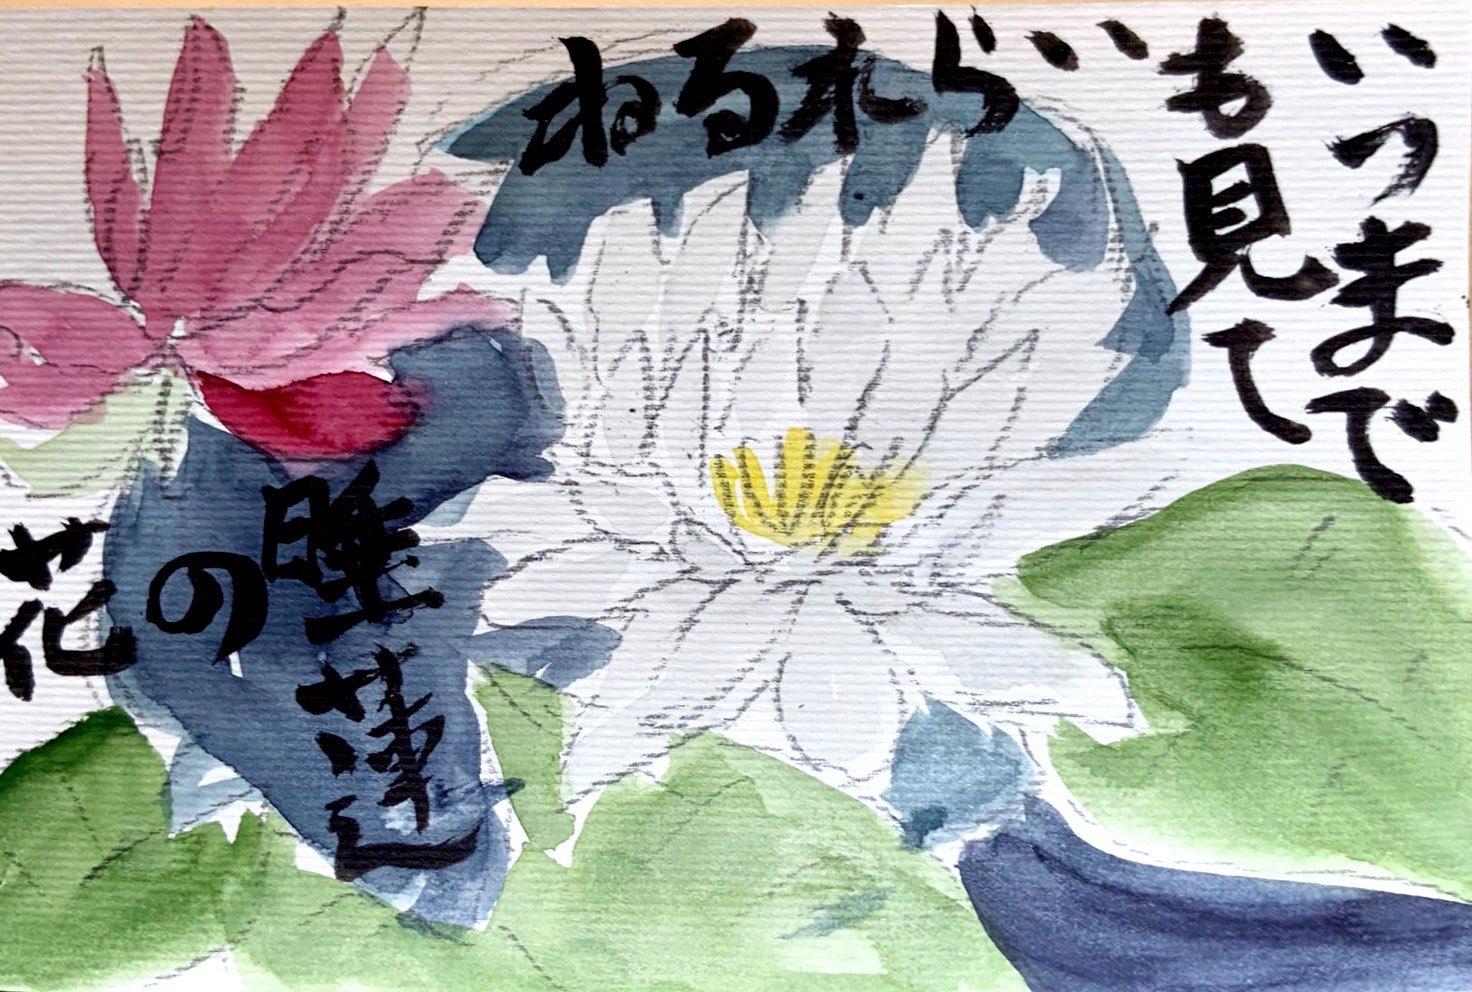 いつまでも見ていられるね 睡蓮の花